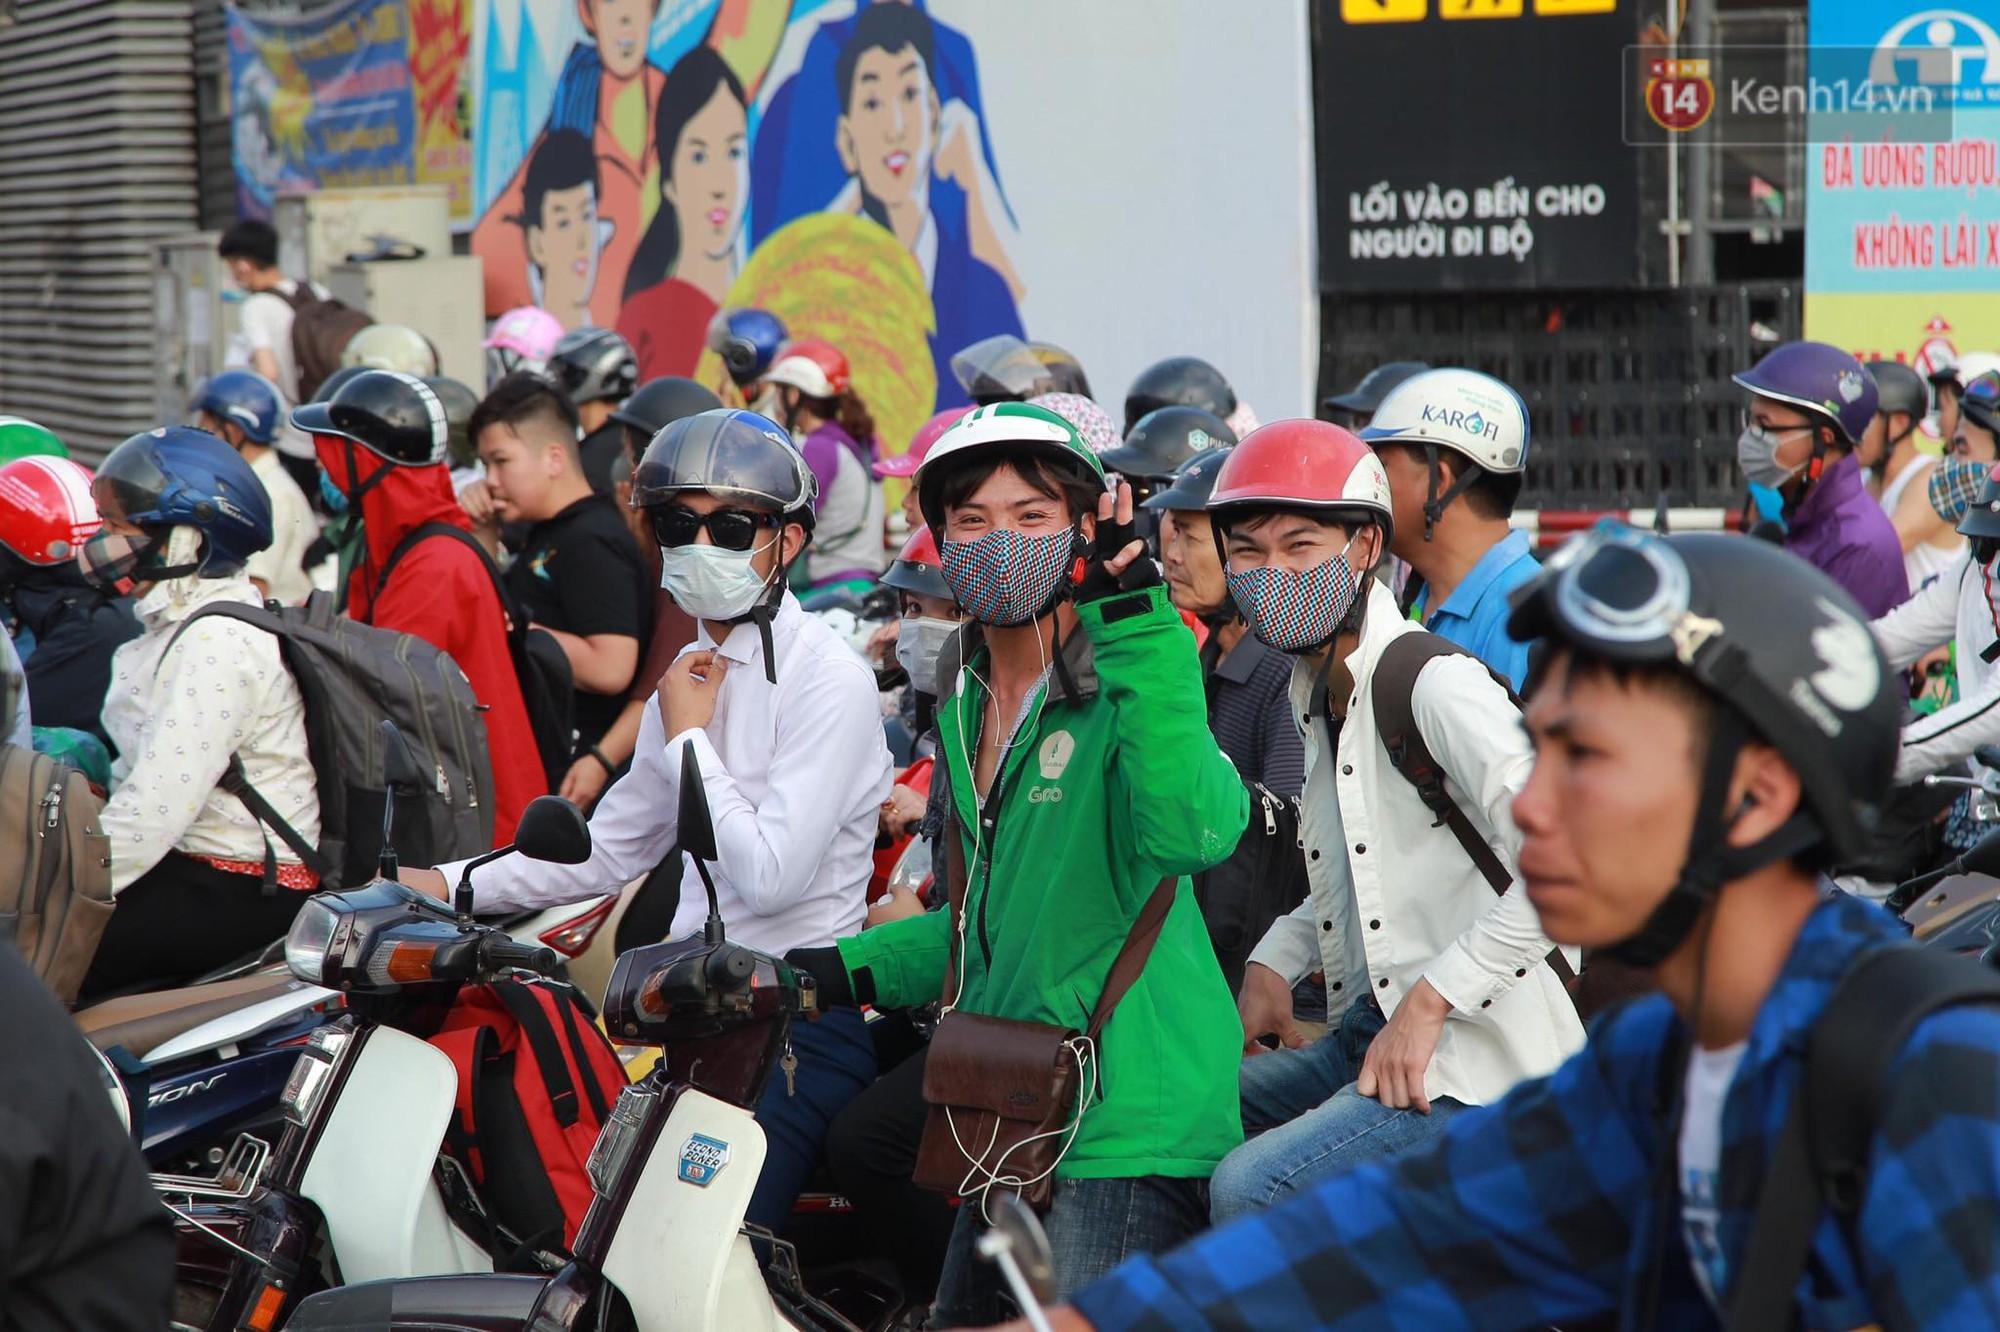 Chùm ảnh: Người dân lỉnh kỉnh đồ đạc, đưa theo con nhỏ trở lại thành phố sau kỳ nghỉ lễ dưới cái nóng oi bức 3